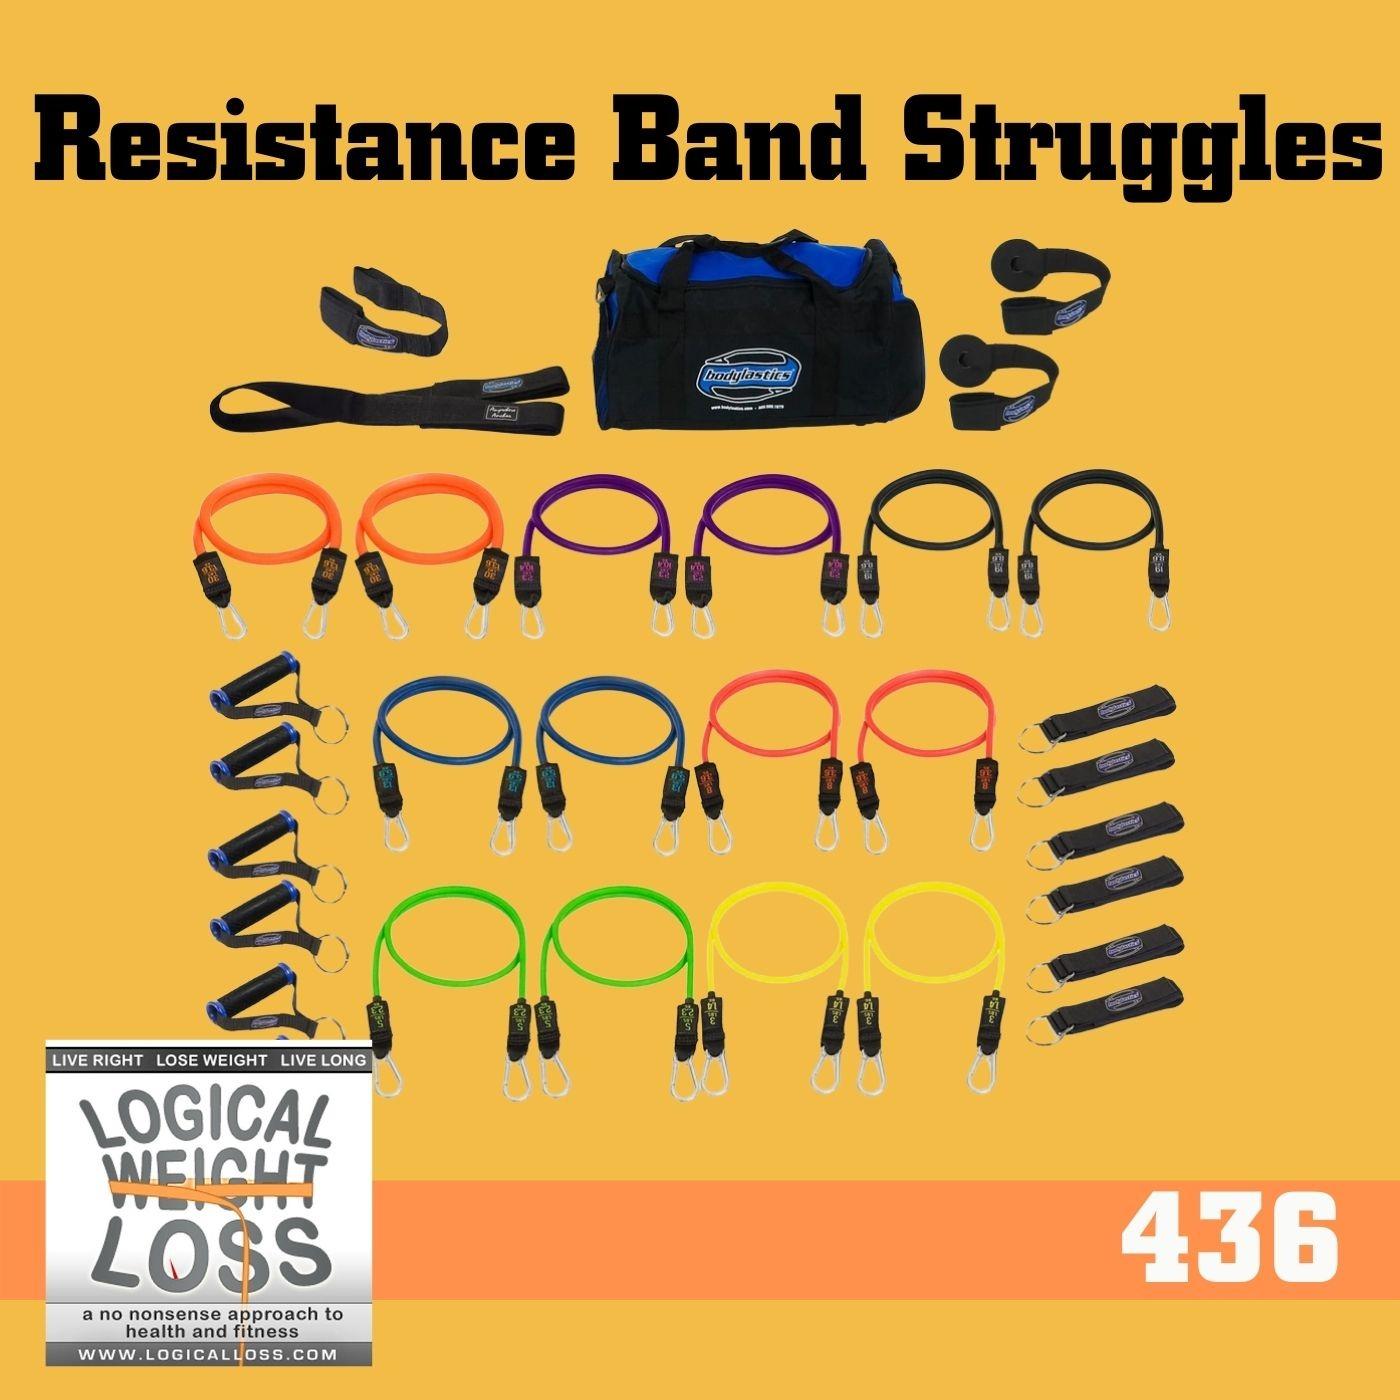 Resitance Bands Struggles